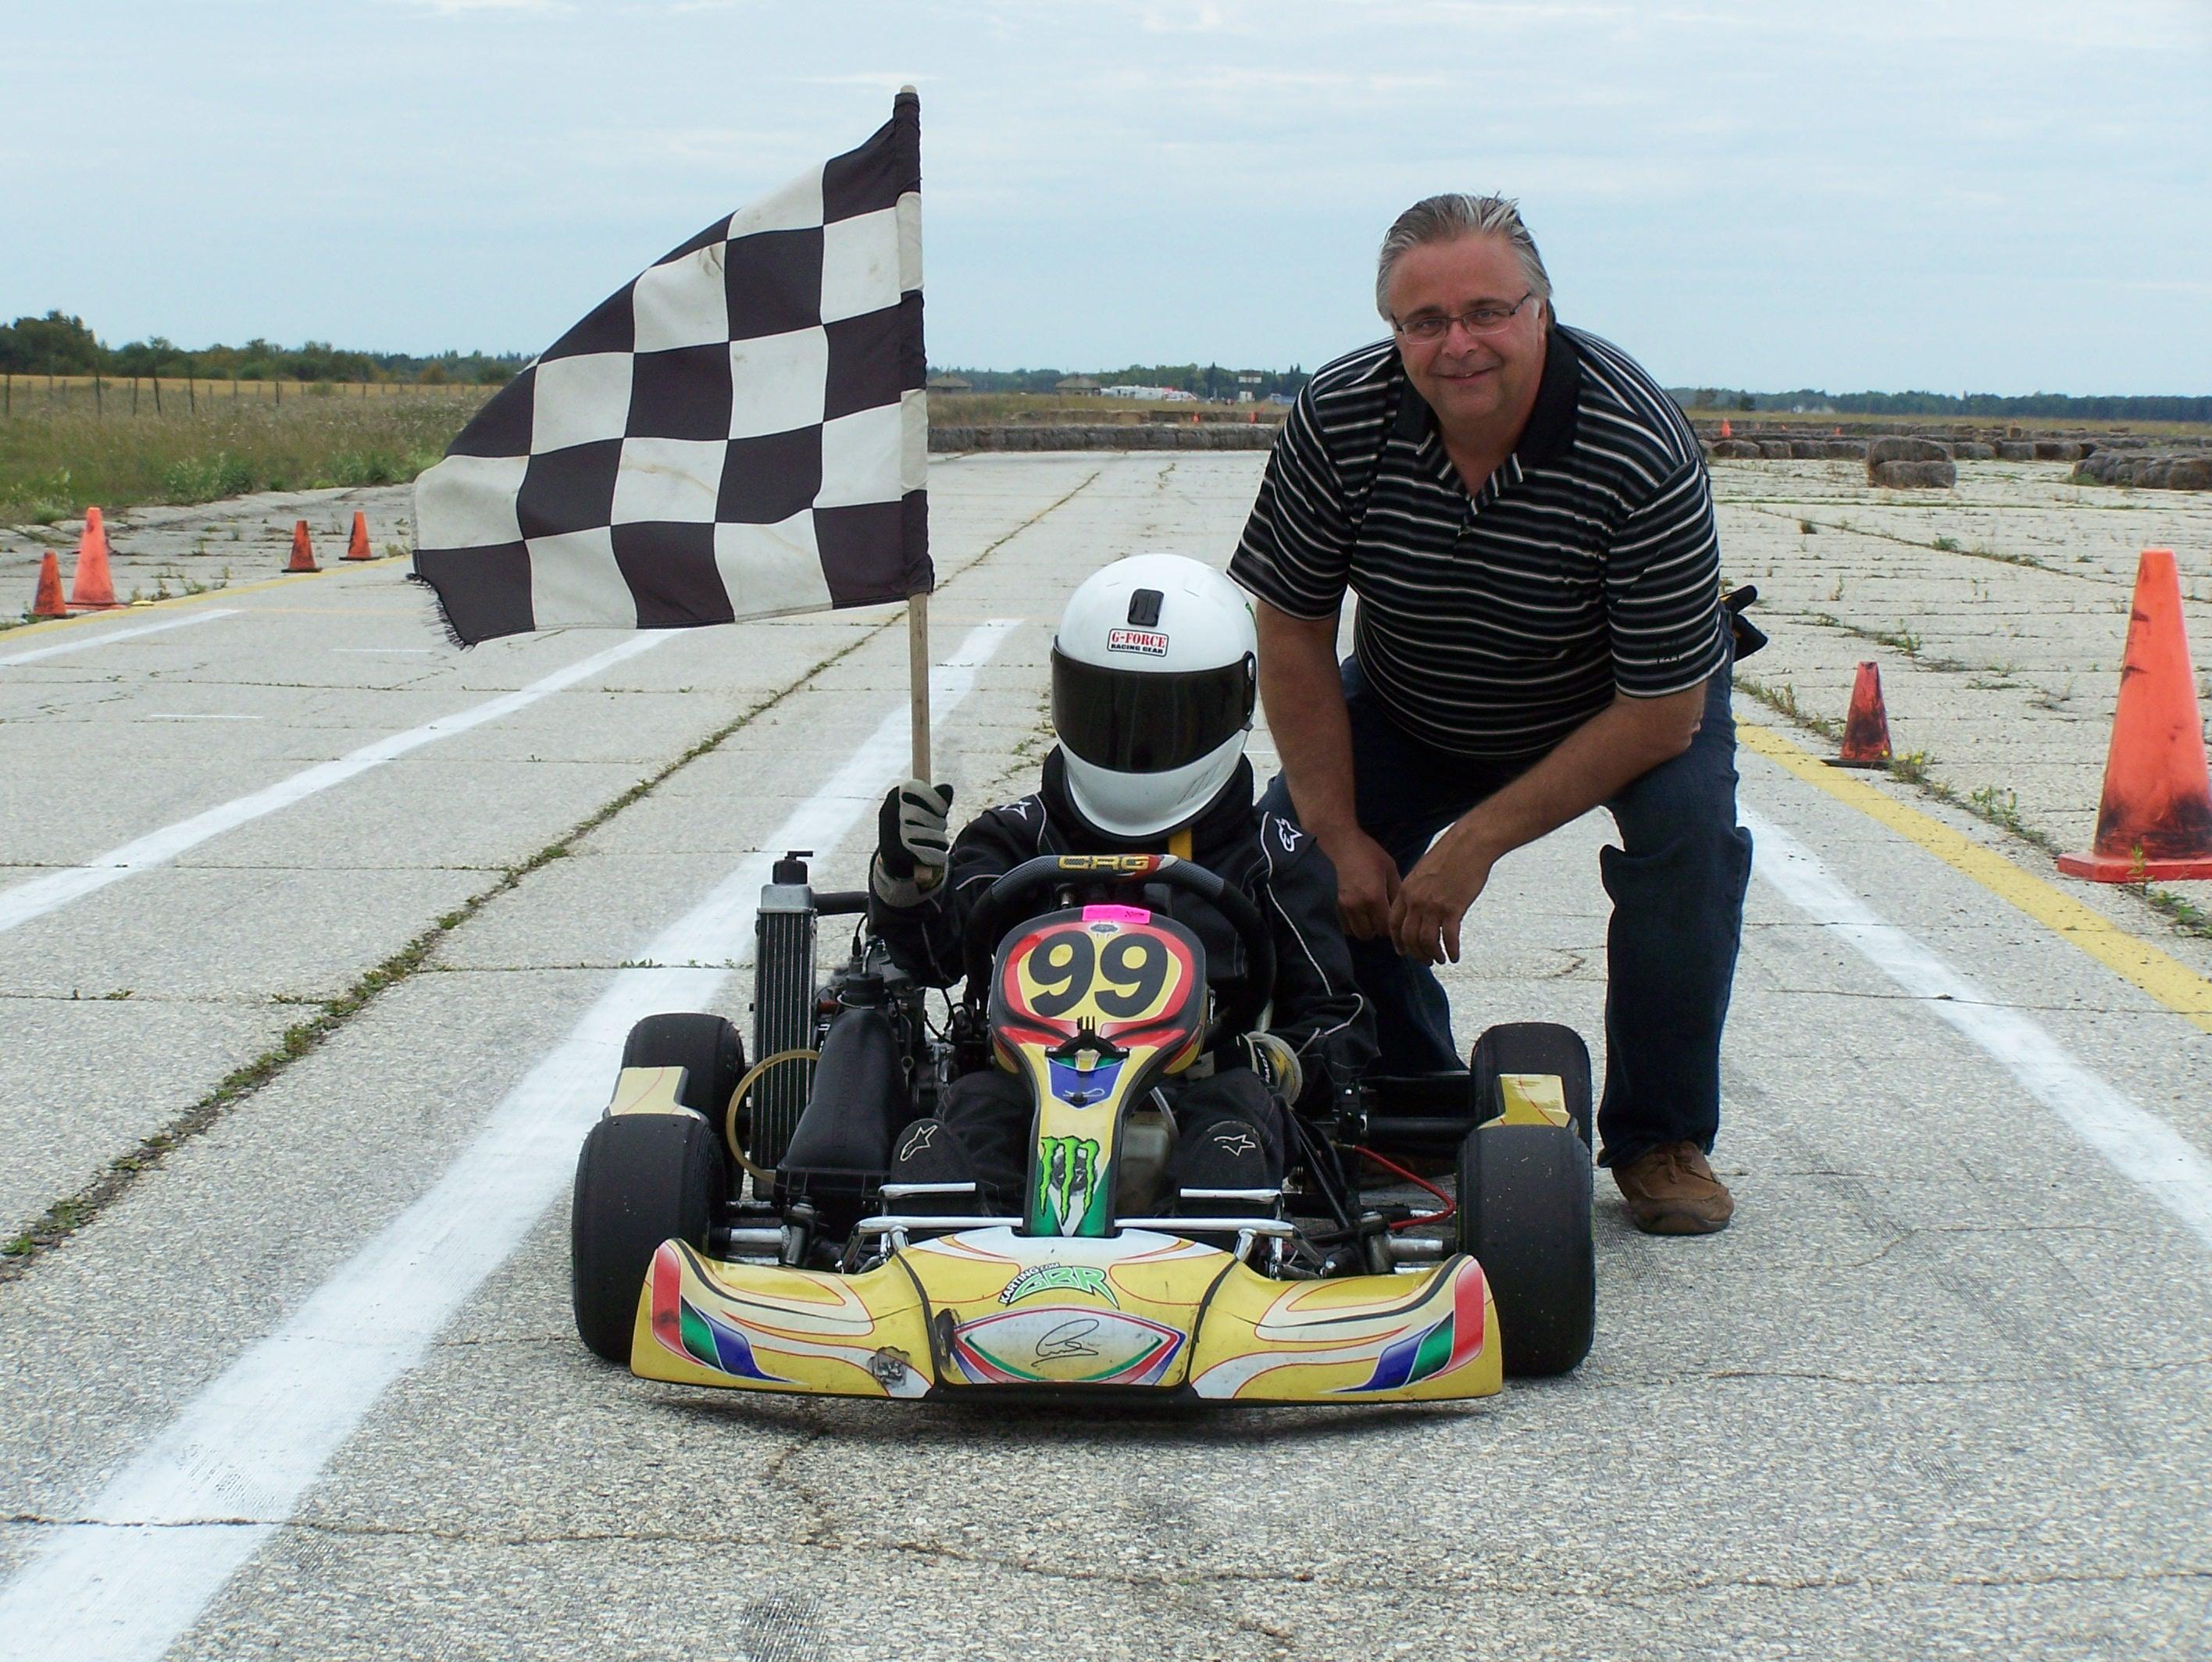 Curtis Veslinovich & father MKA Enduro Micro Max Class Winne